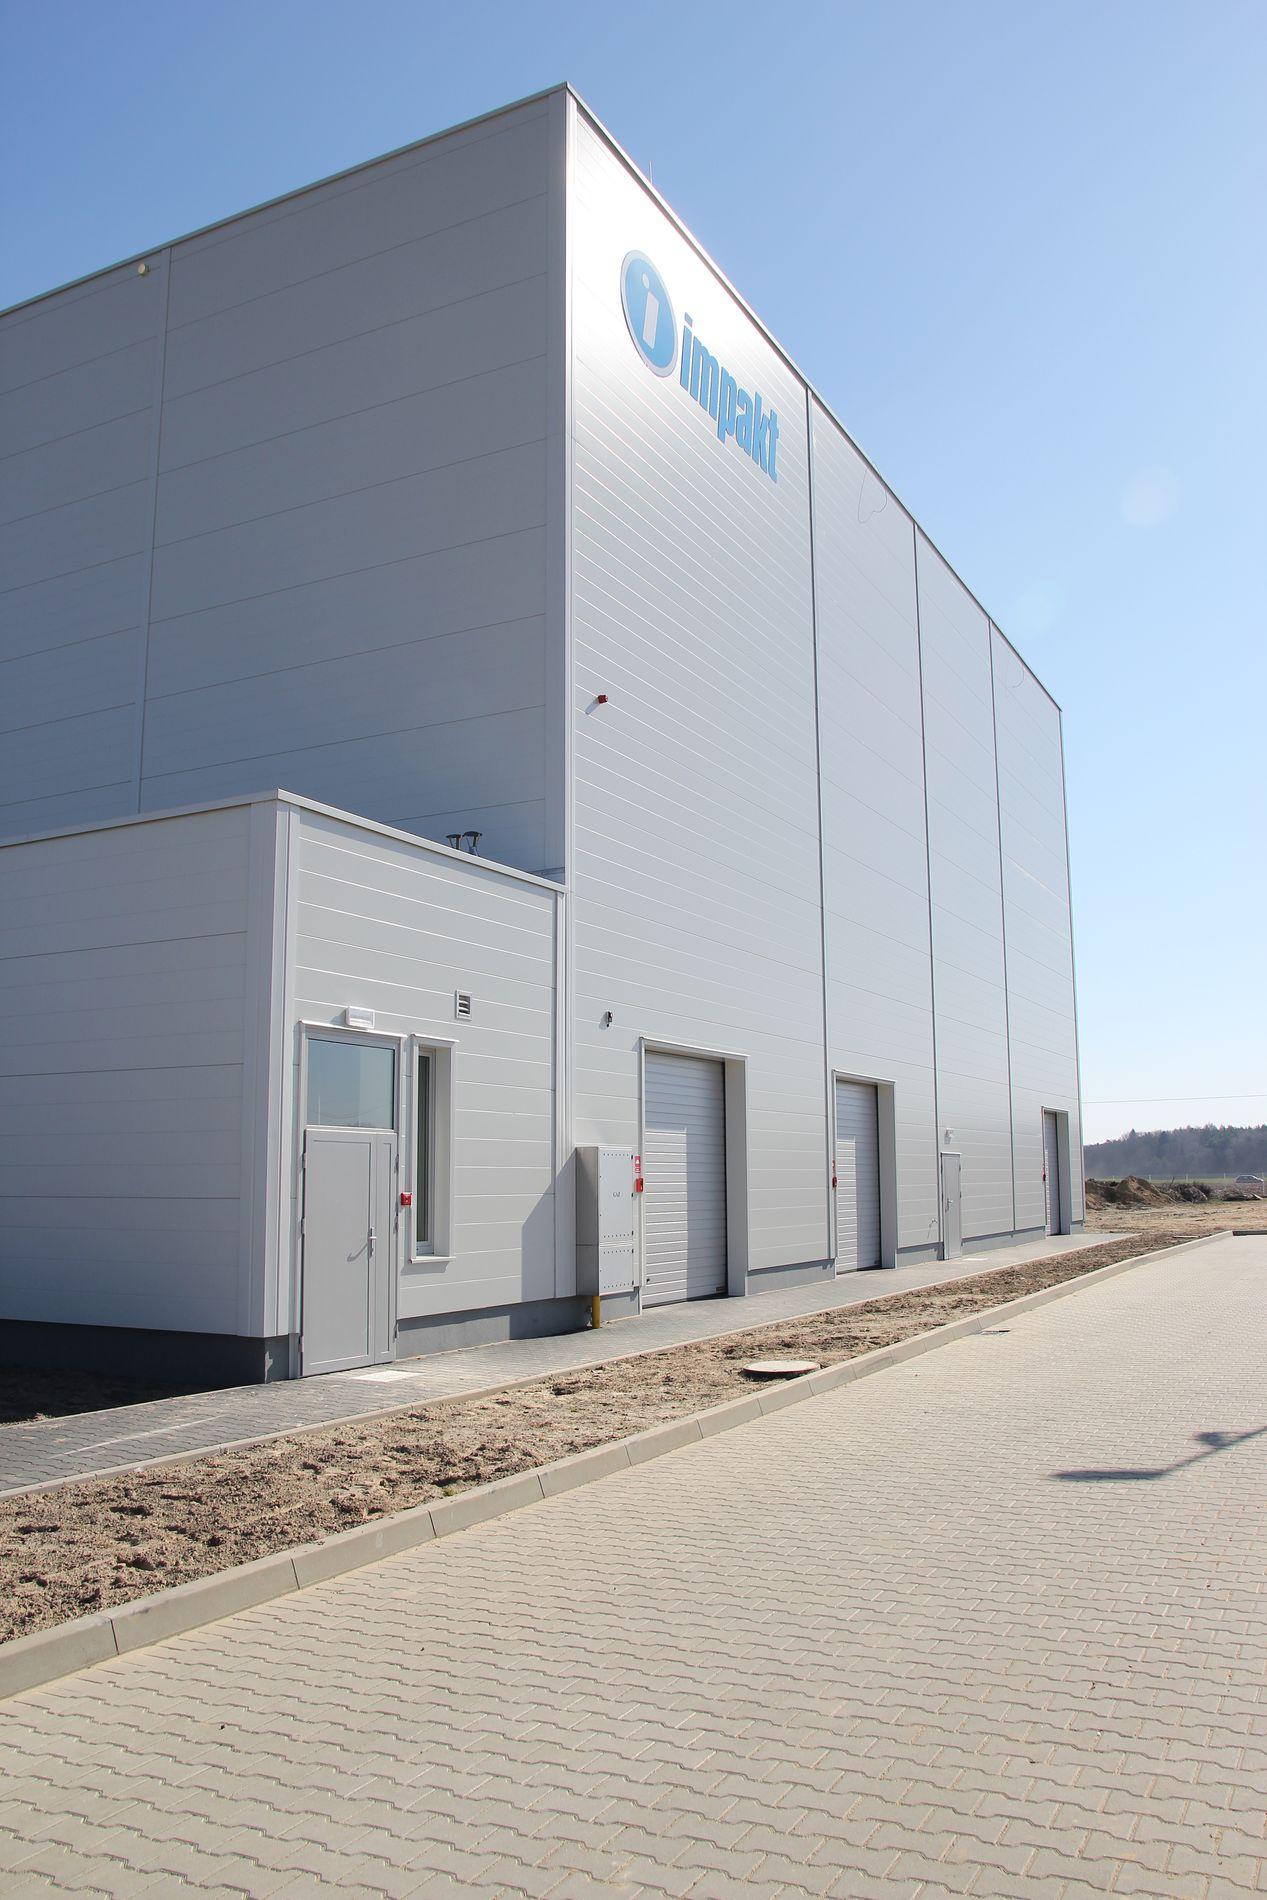 Impakt ma nowe centrum logistyczne